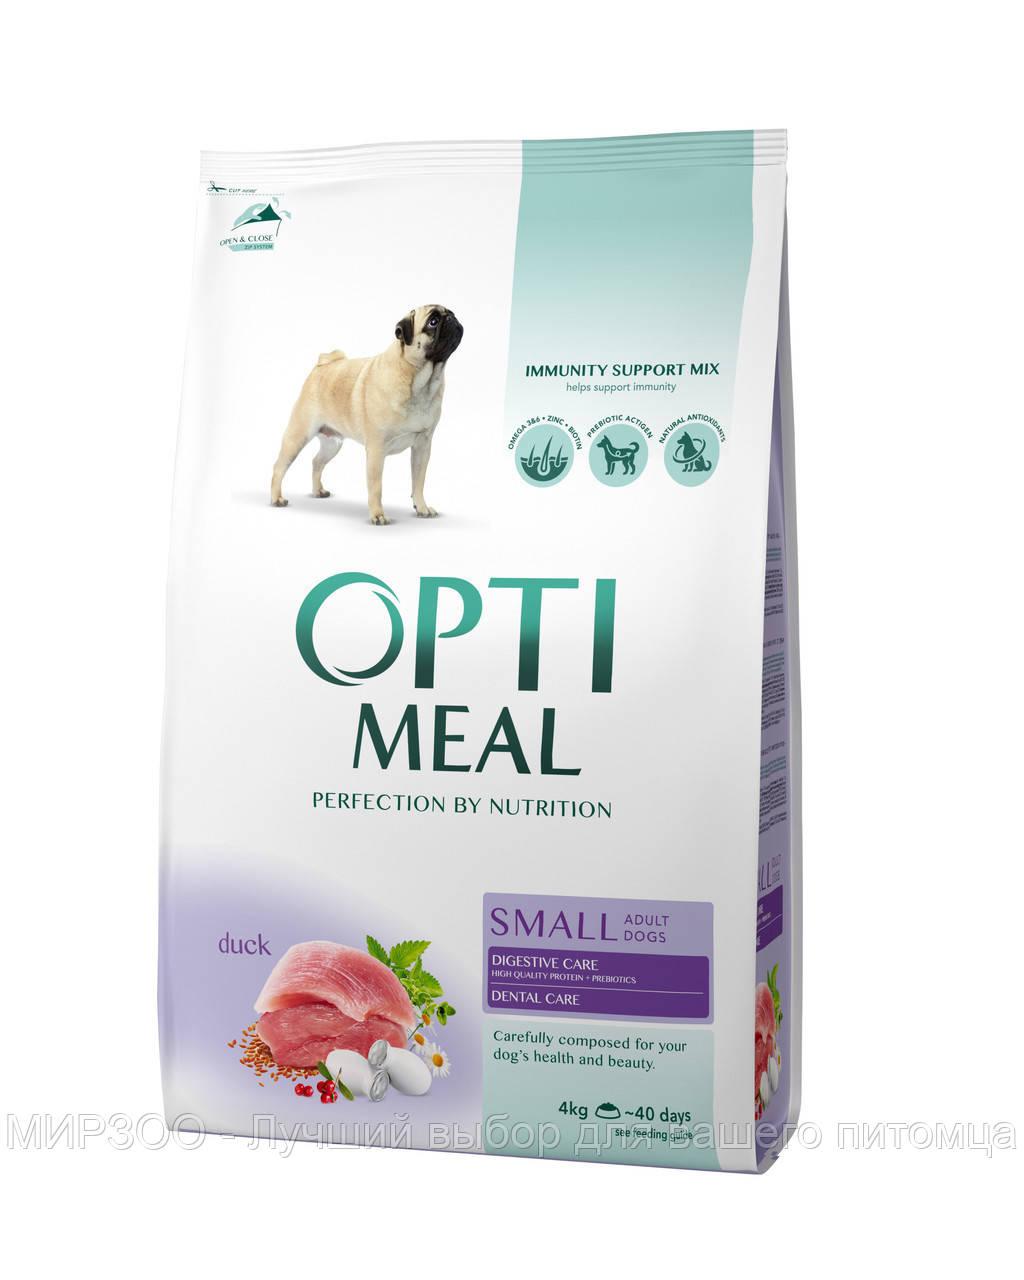 Сухой корм OPTIMEAL (Оптимил) для собак малых пород с уткой 12 КГ